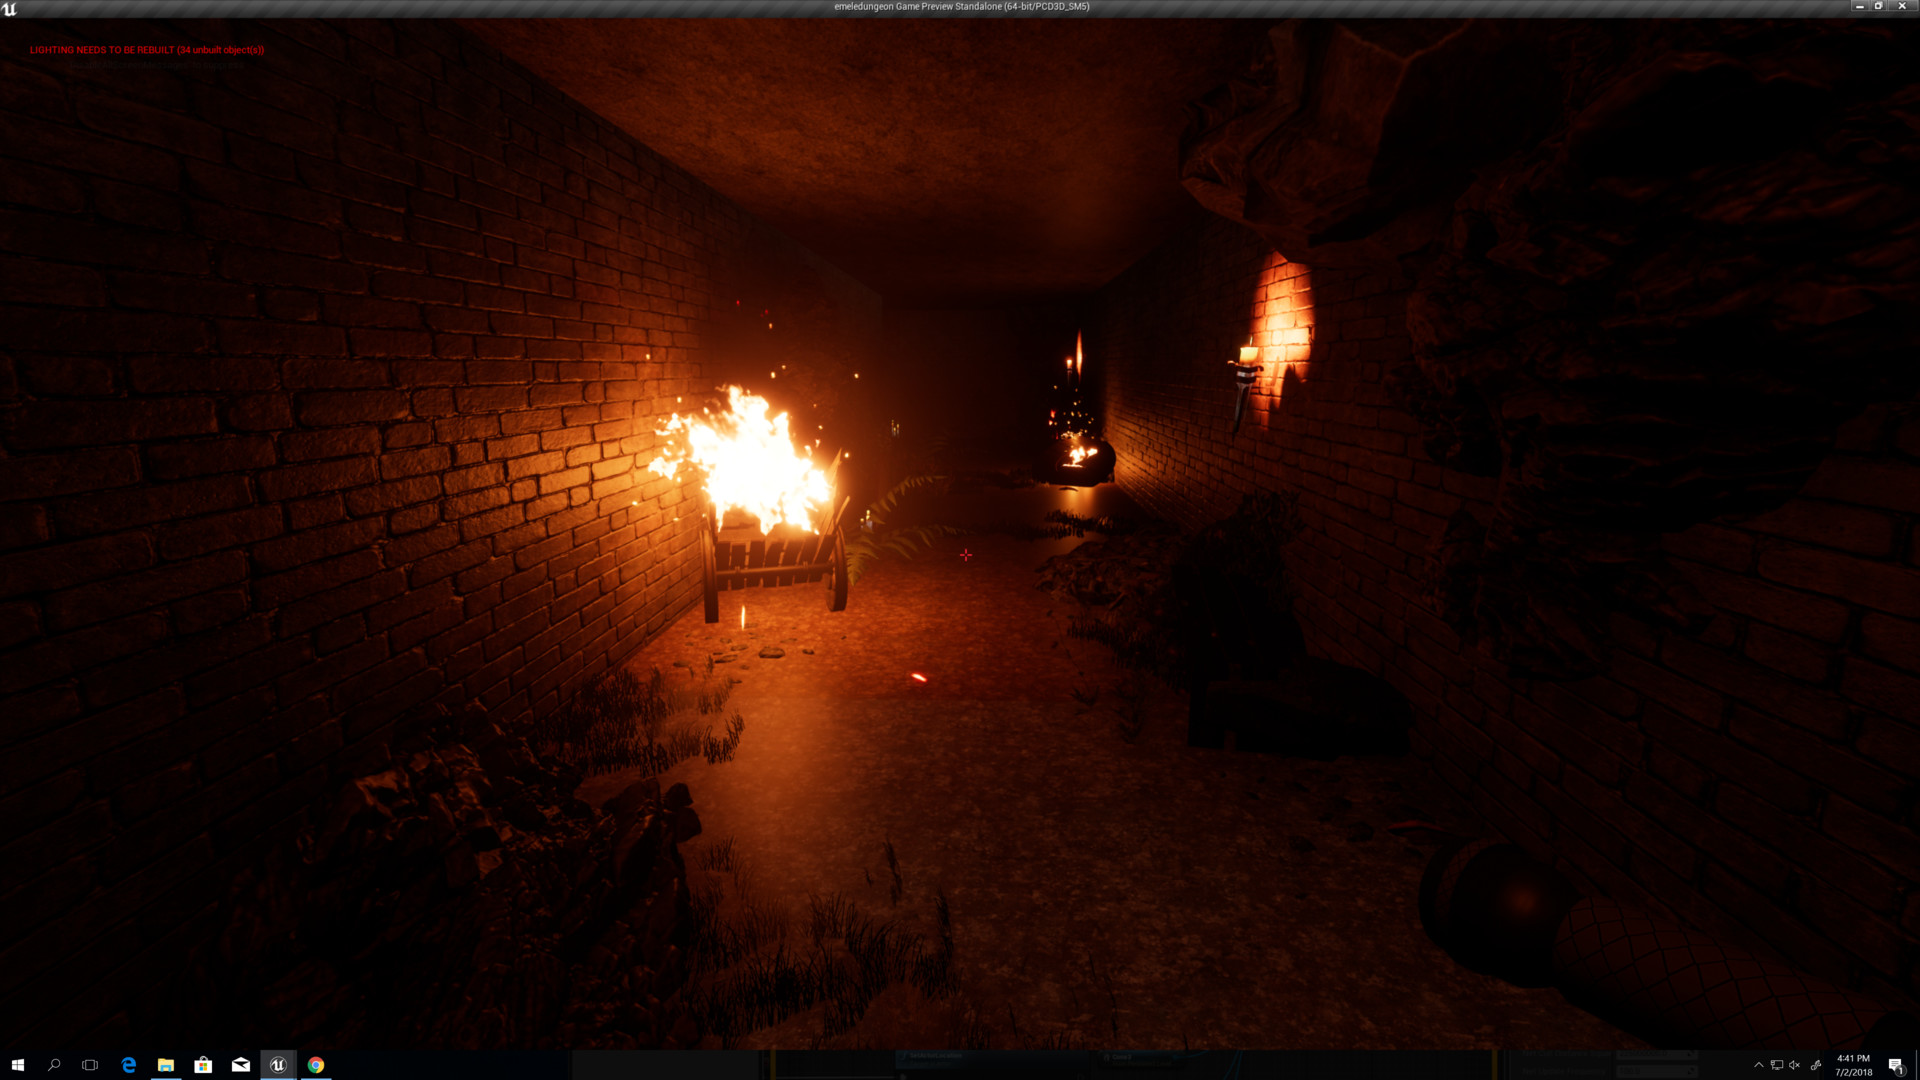 Ethan Mele - The Underground